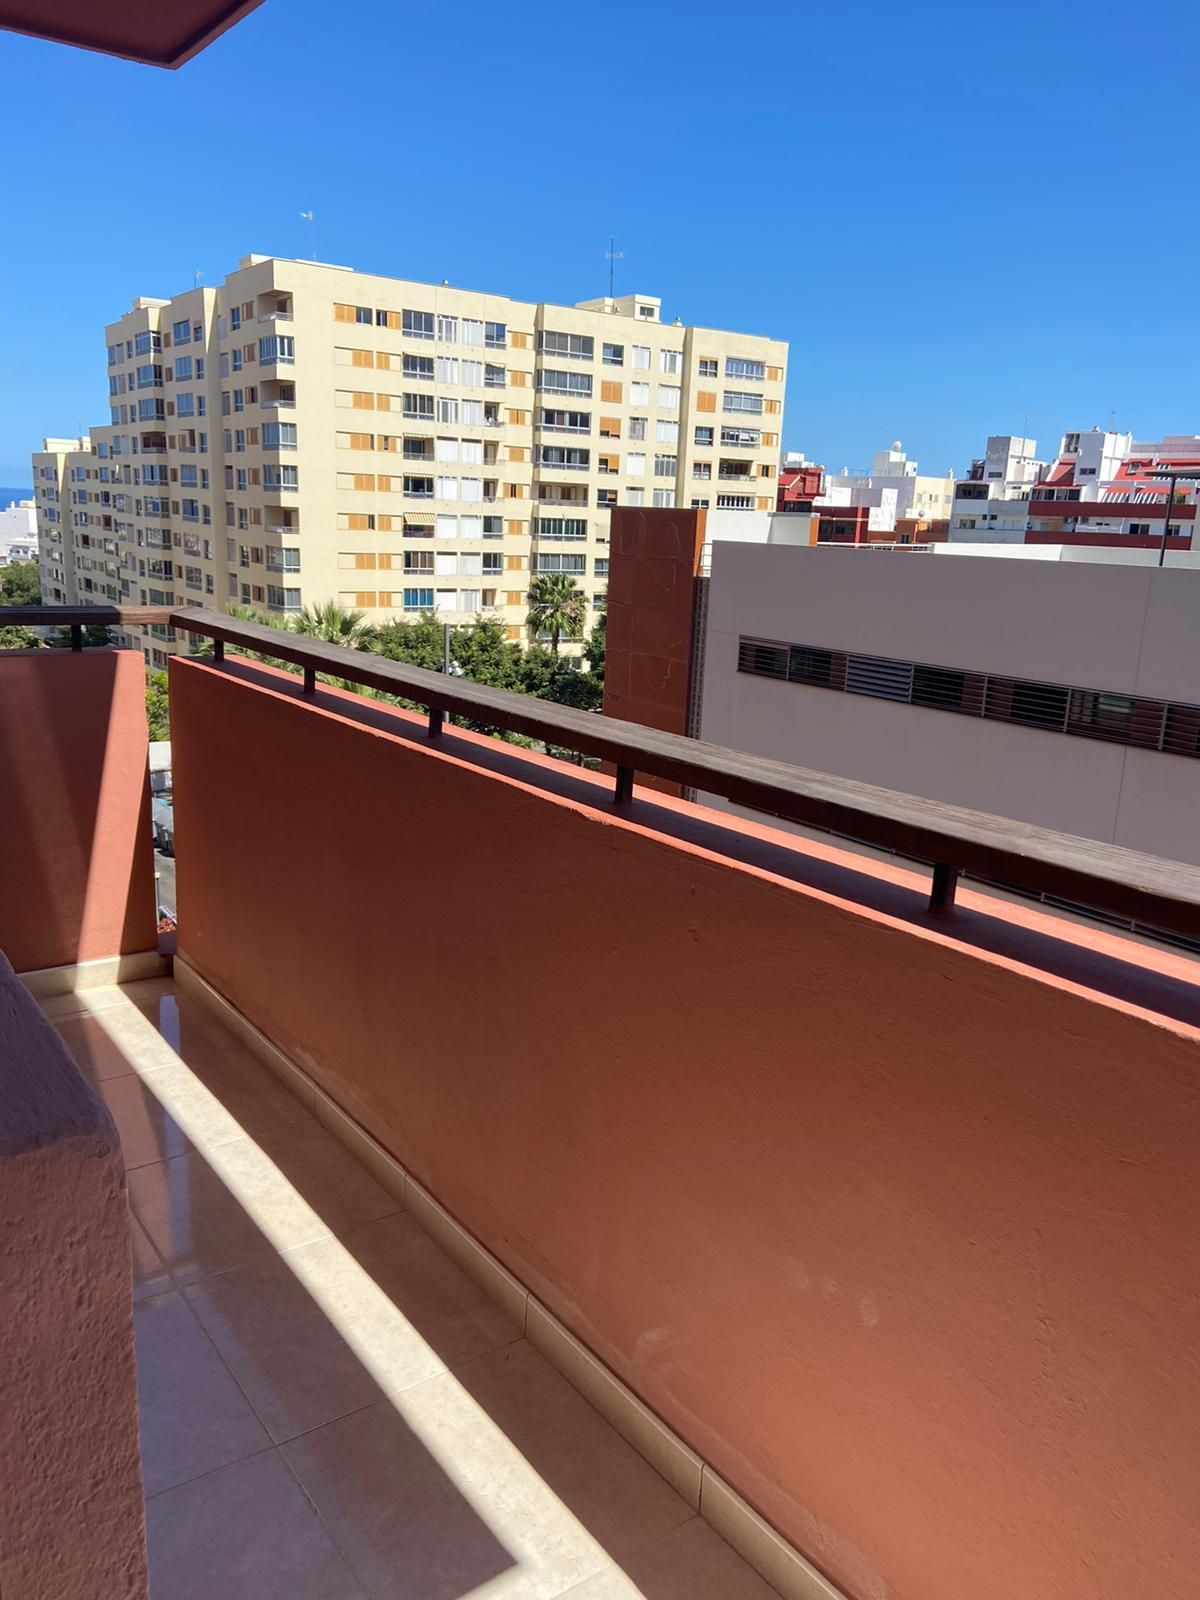 Piso en Santa Cruz de Tenerife, AVENIDA VENEZUELA, alquiler